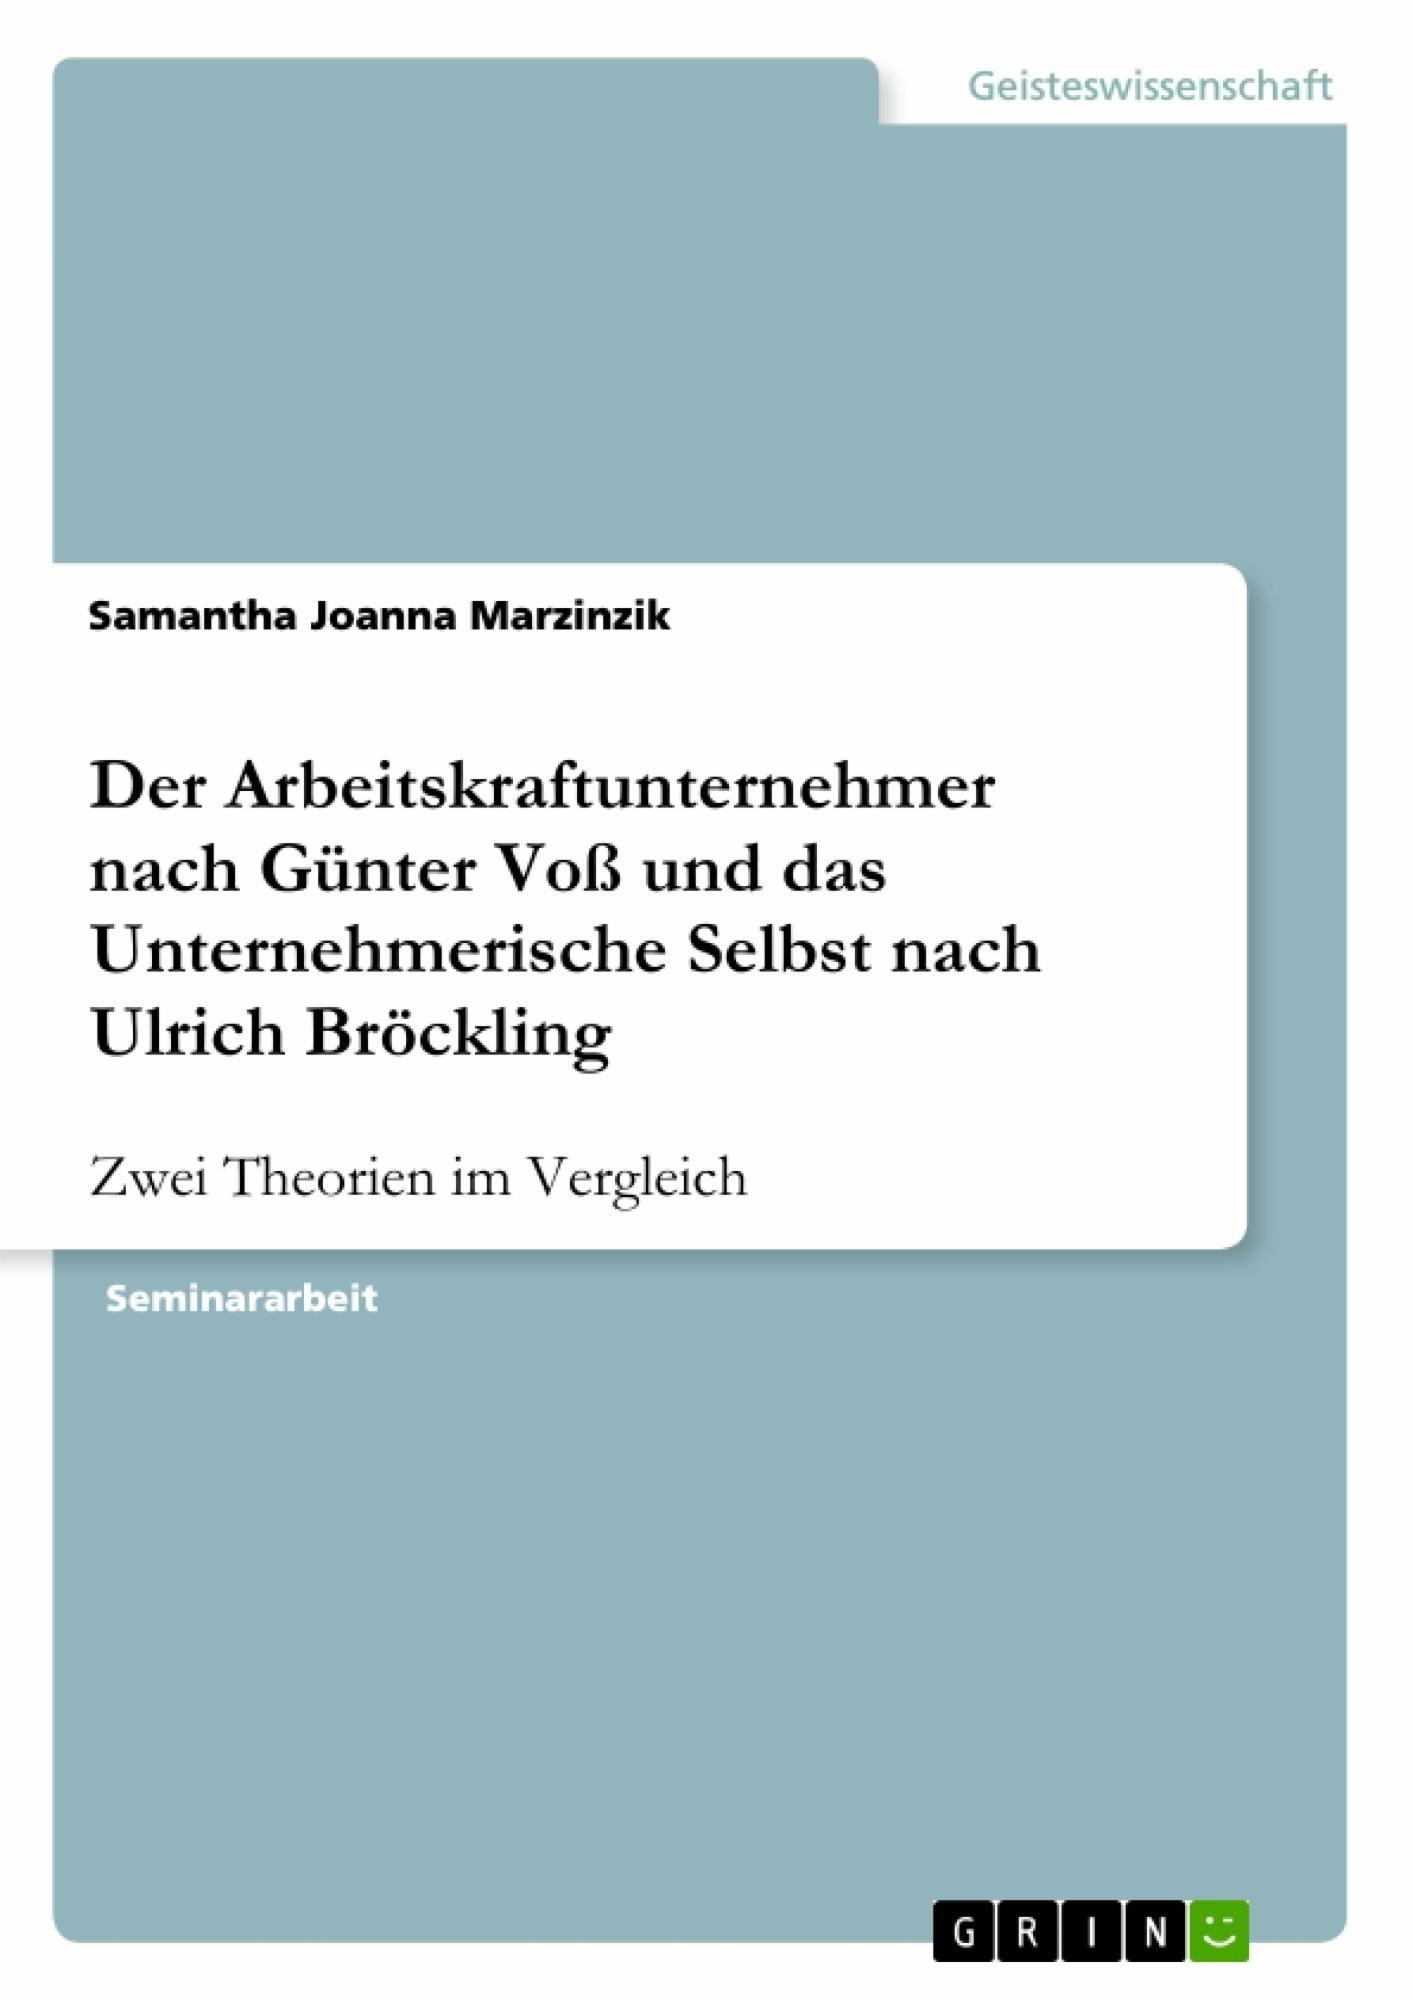 Titel: Der Arbeitskraftunternehmer nach Günter Voß und das Unternehmerische Selbst nach Ulrich Bröckling